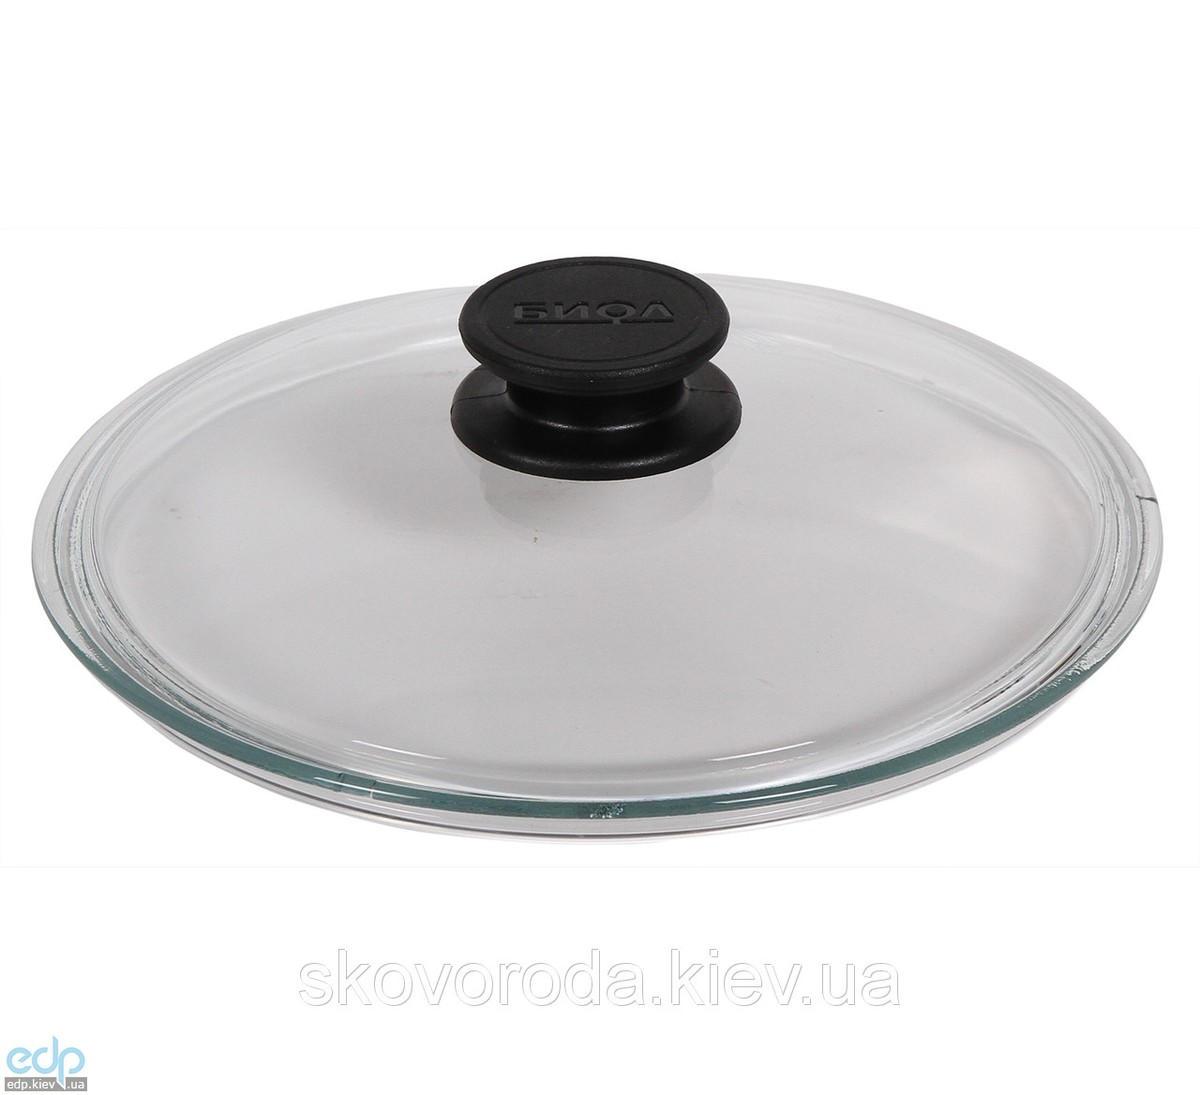 Биол - Крышка  диаметр 24 см (240ДС)